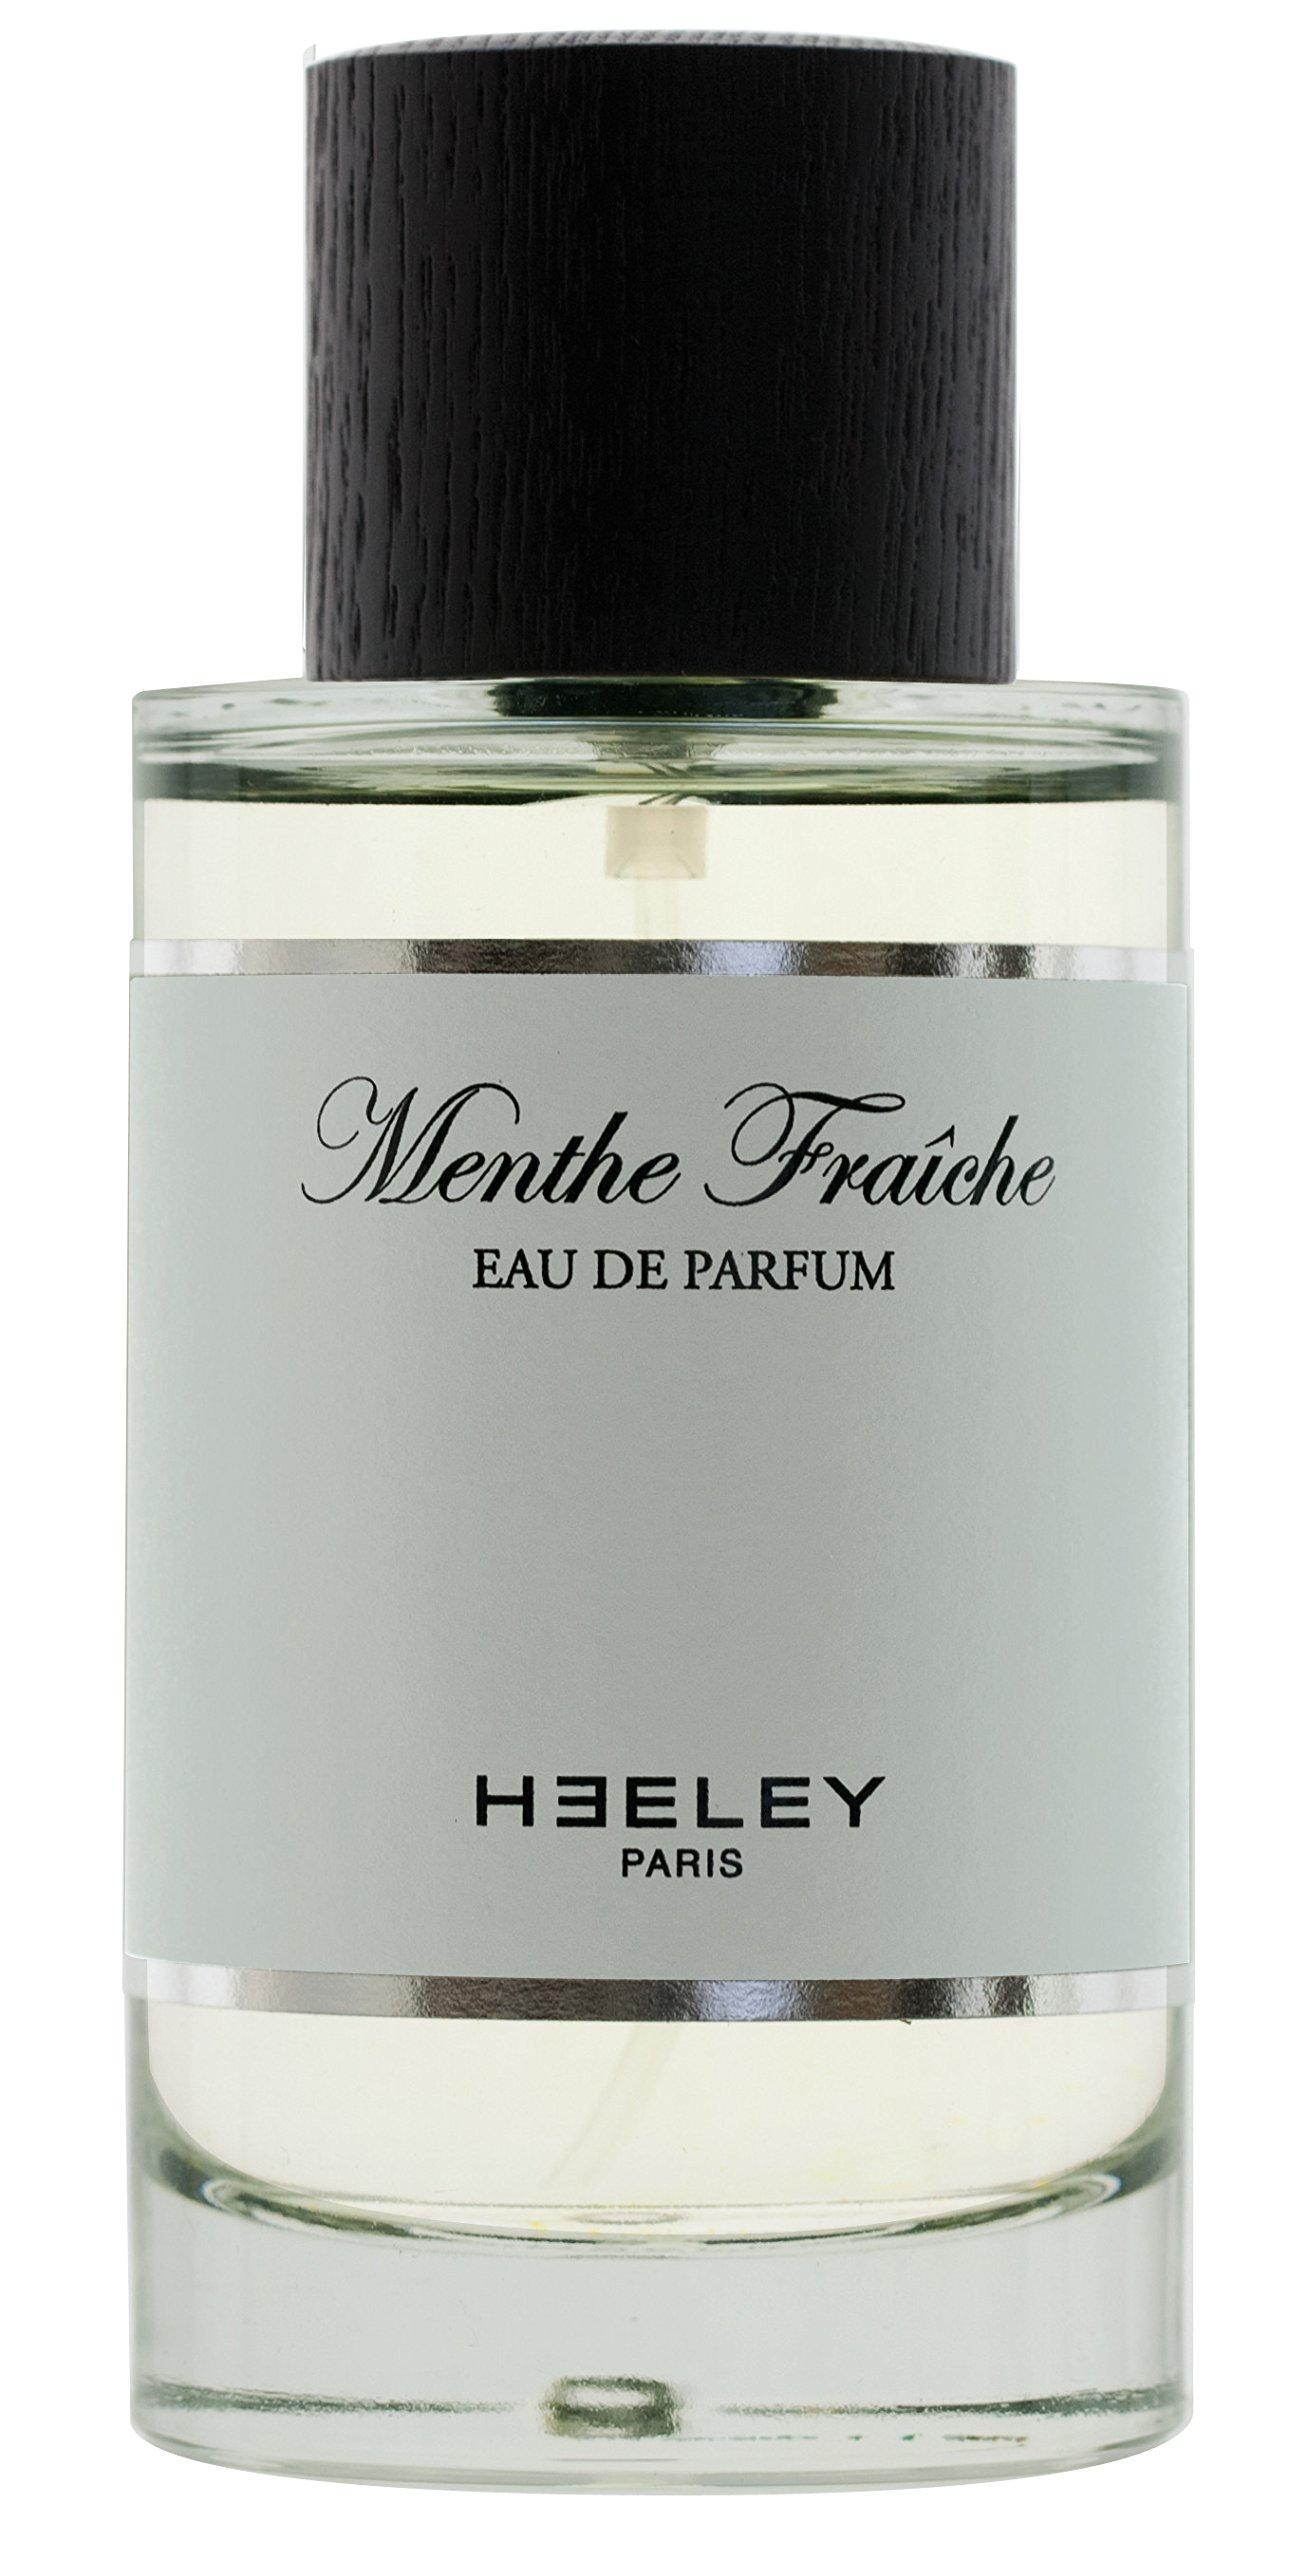 HEELEY Menthe Fraiche Eau de Parfum